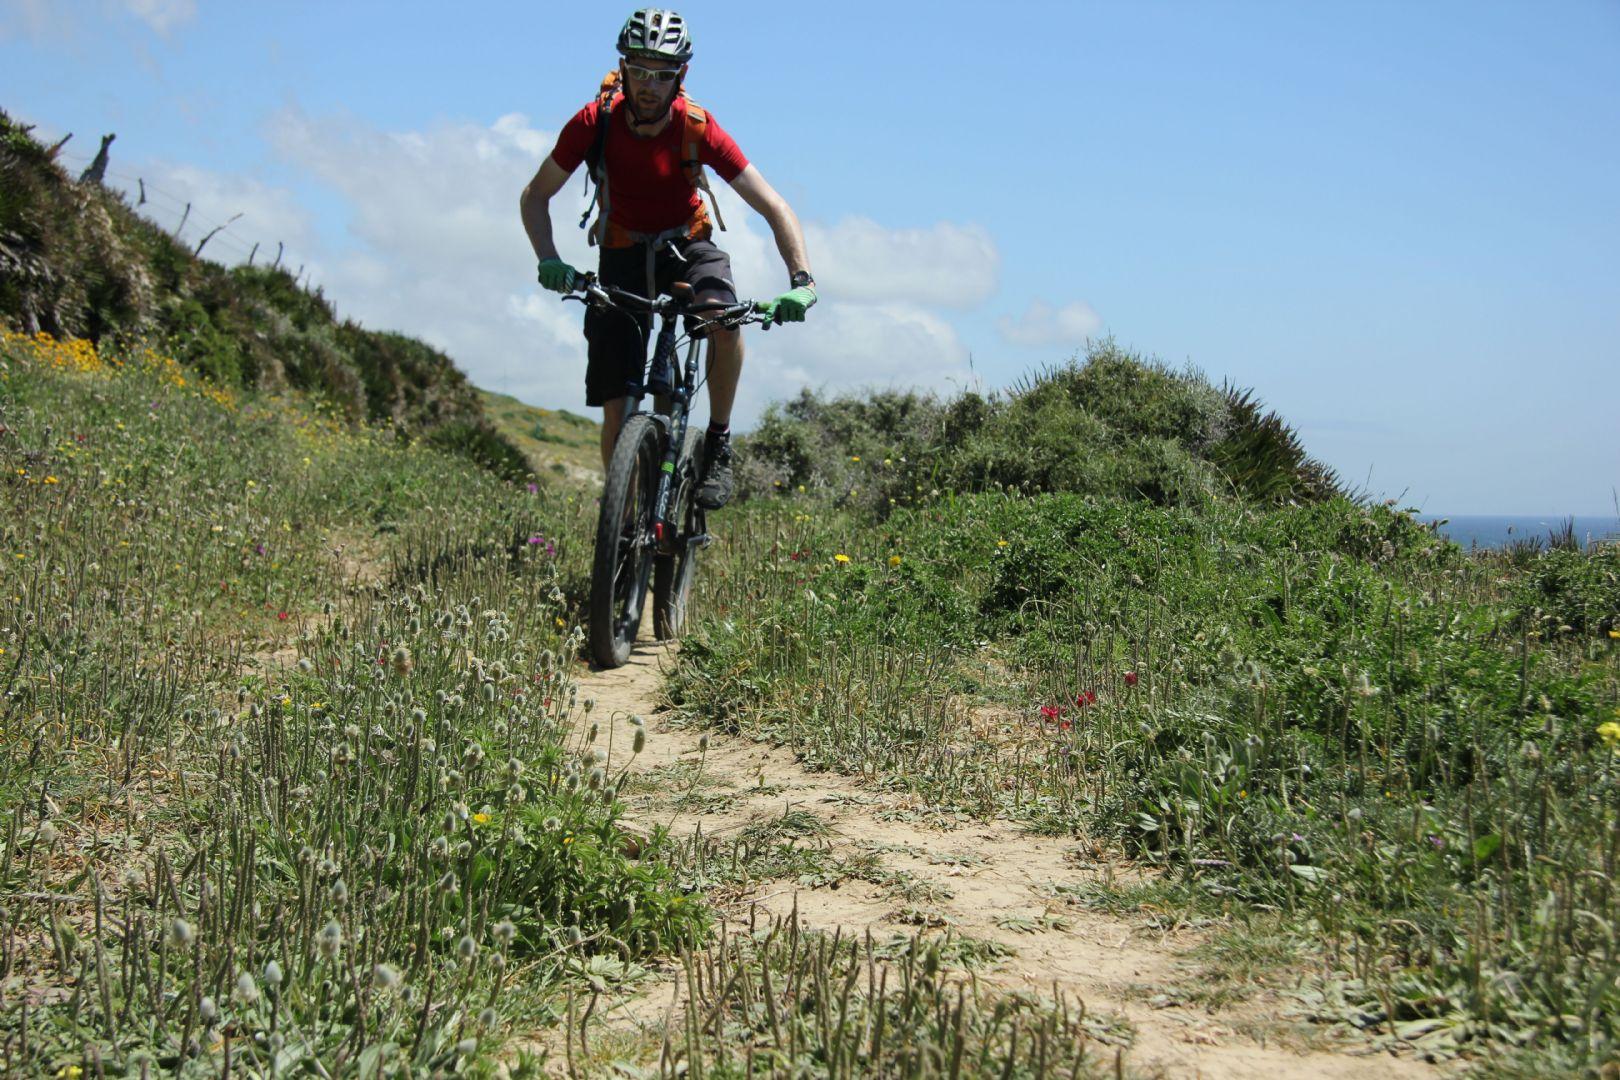 Spain Trans Andaluz MTB 9348.JPG - Spain - Trans Andaluz - Mountain Biking